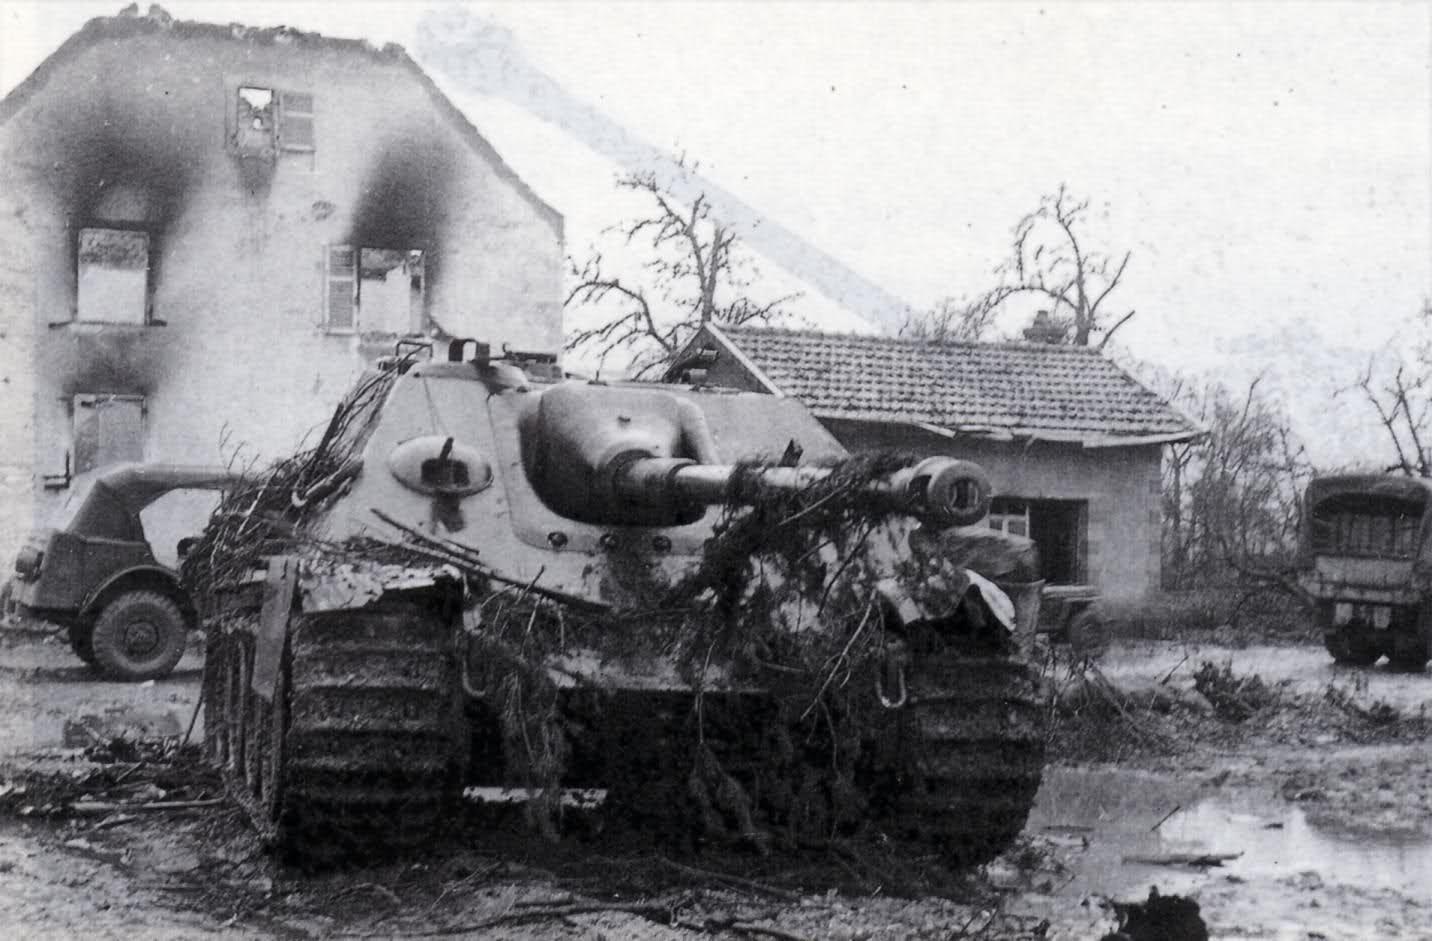 Jagdpanther of Panzer Abteilung 654, destroyed in Grussenheim